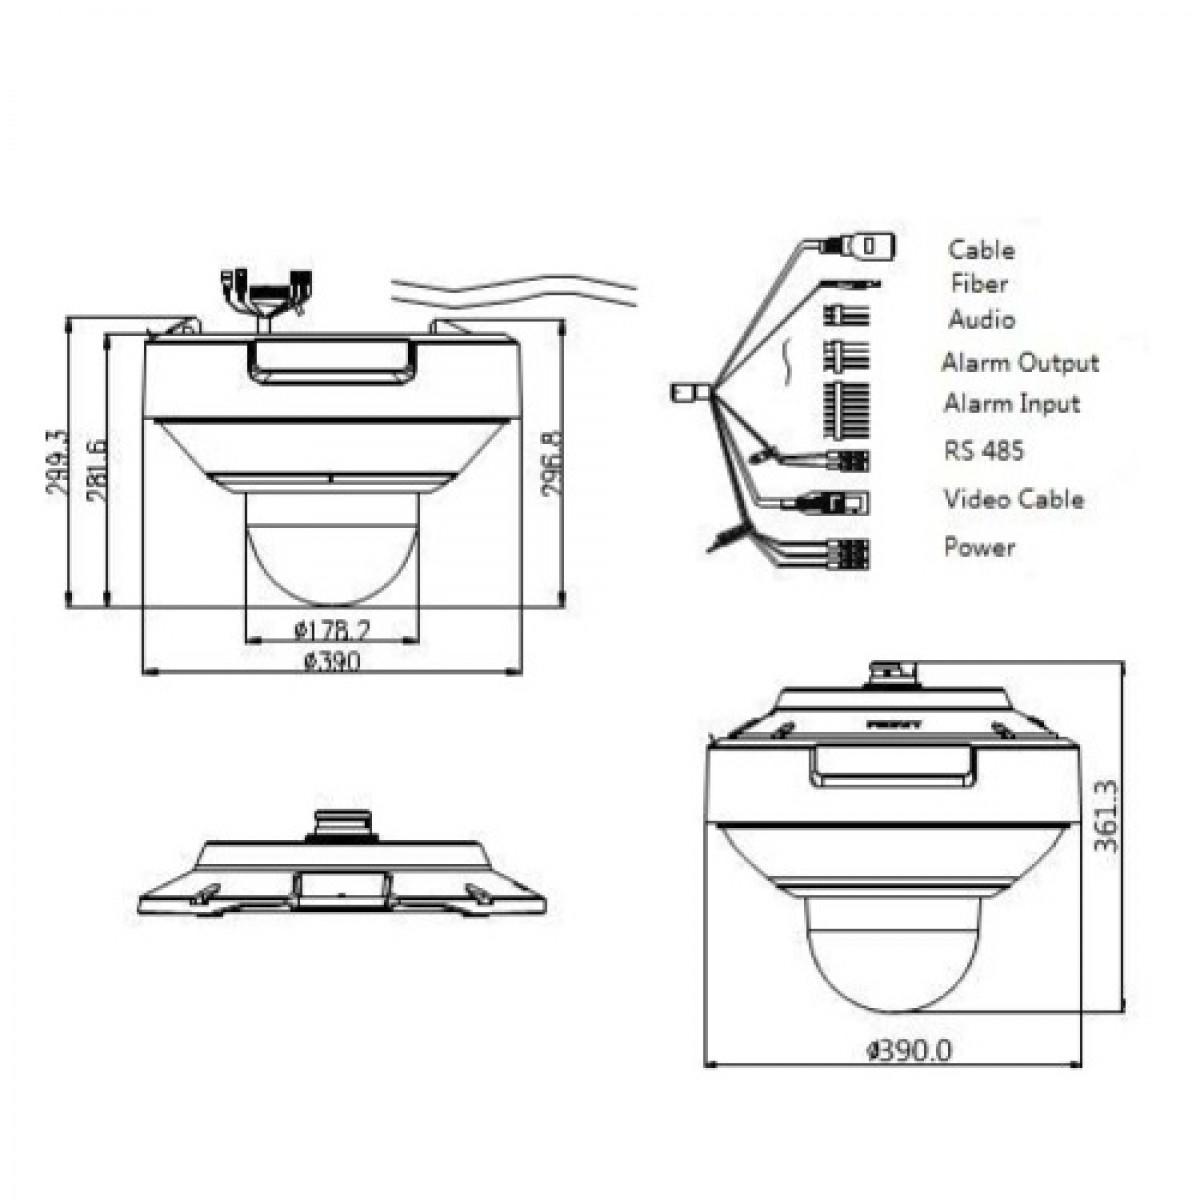 [BZ_7551] Ptz Security Camera Wiring Diagram Schematic Wiring